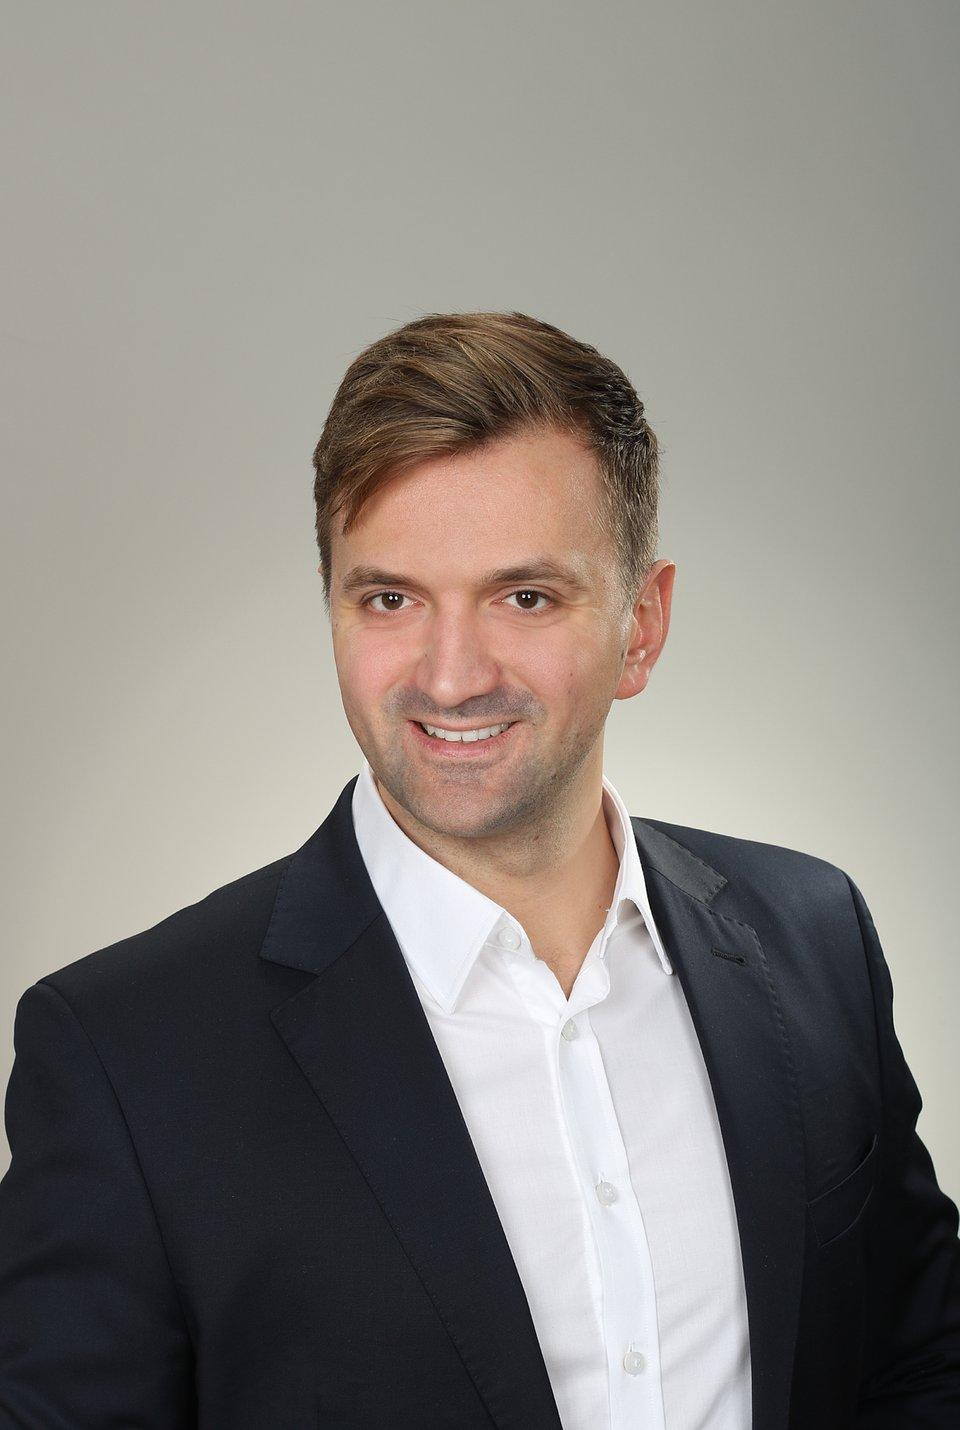 PiotrGrzywinski.JPG